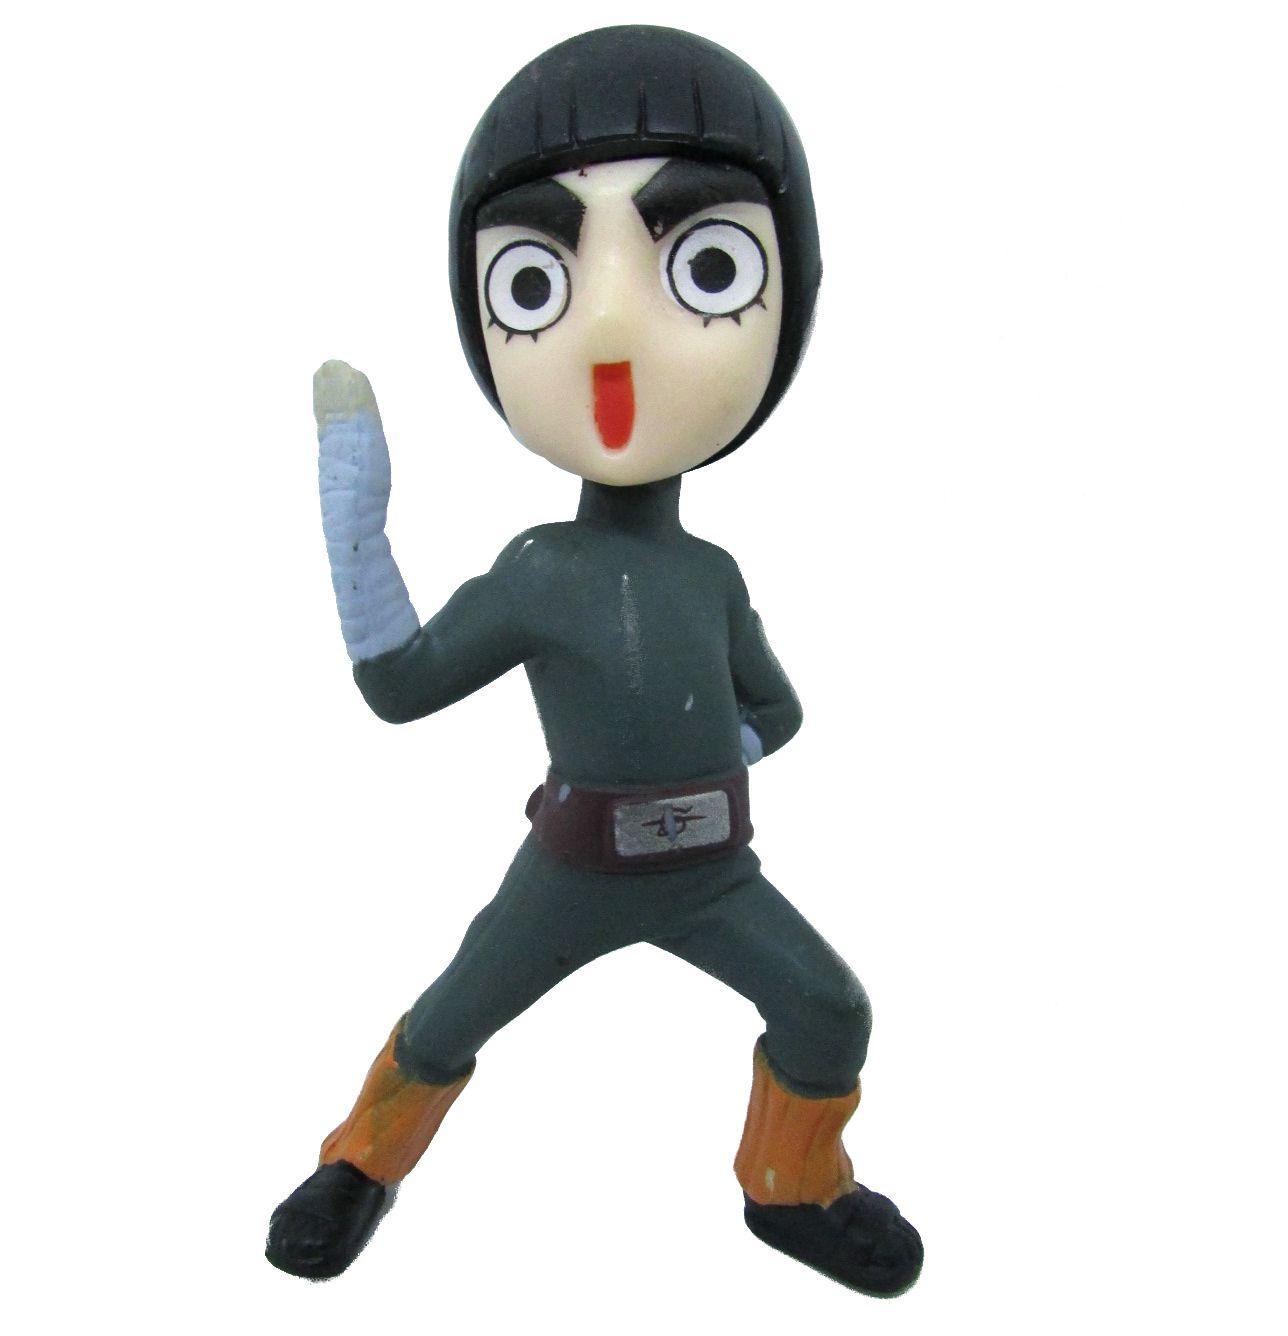 Boneco Colecionável Naruto Miniatura 9Cm em PVC - Lee